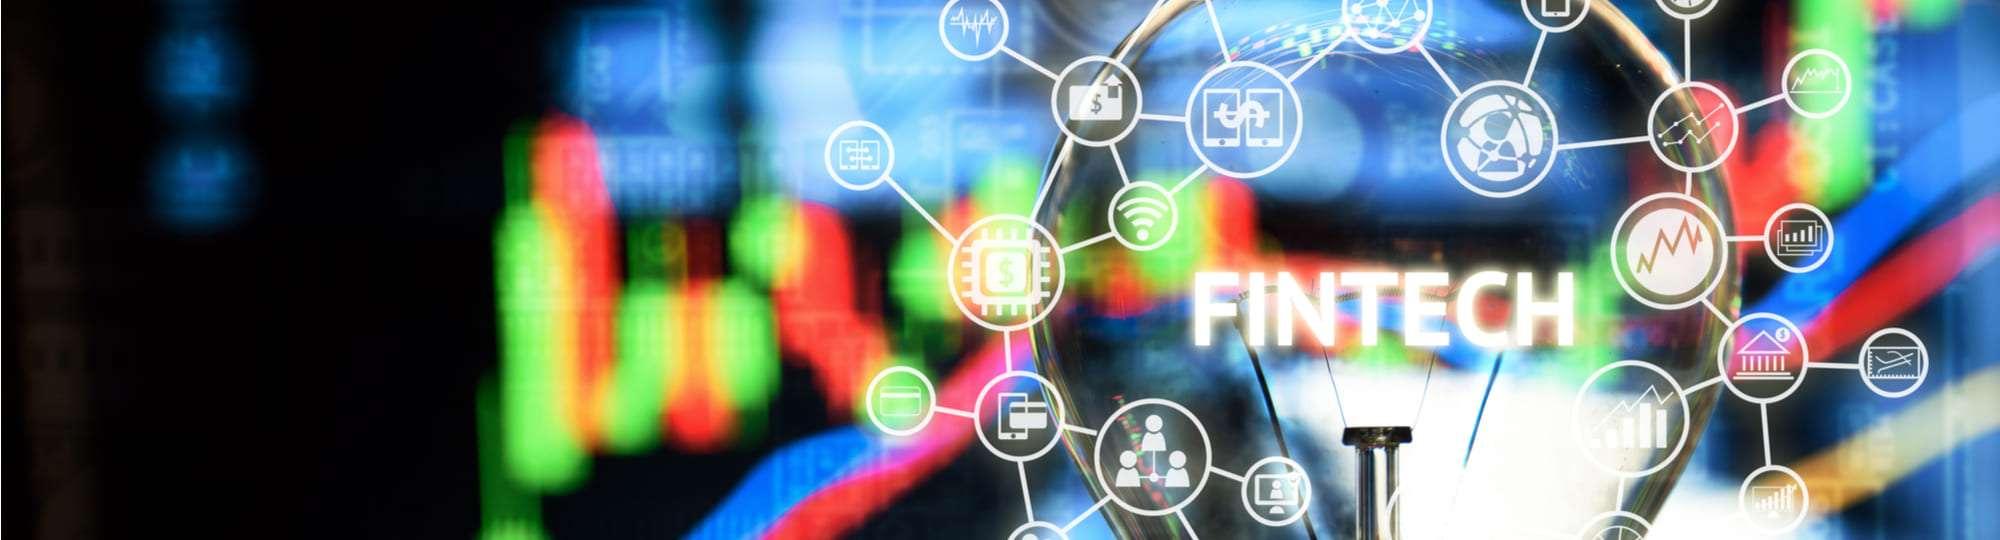 FinTech Trends of 2021